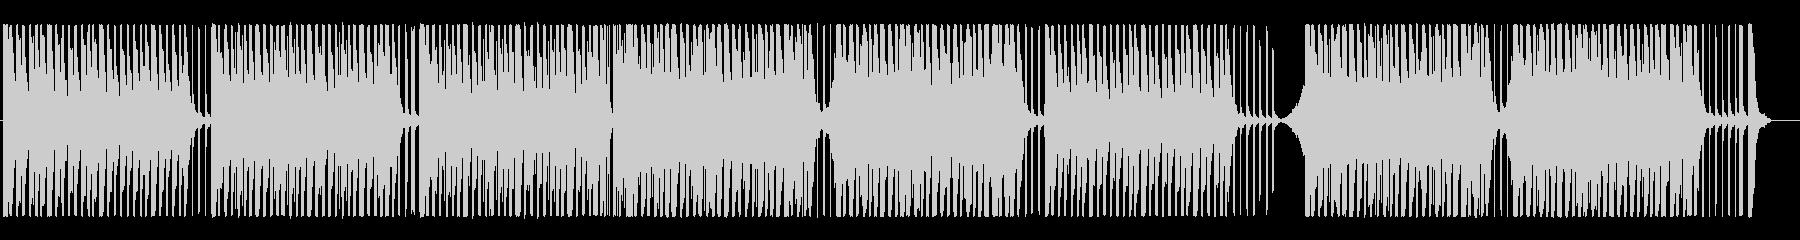 ファンキー、エネルギッシュ!リズムBGMの未再生の波形